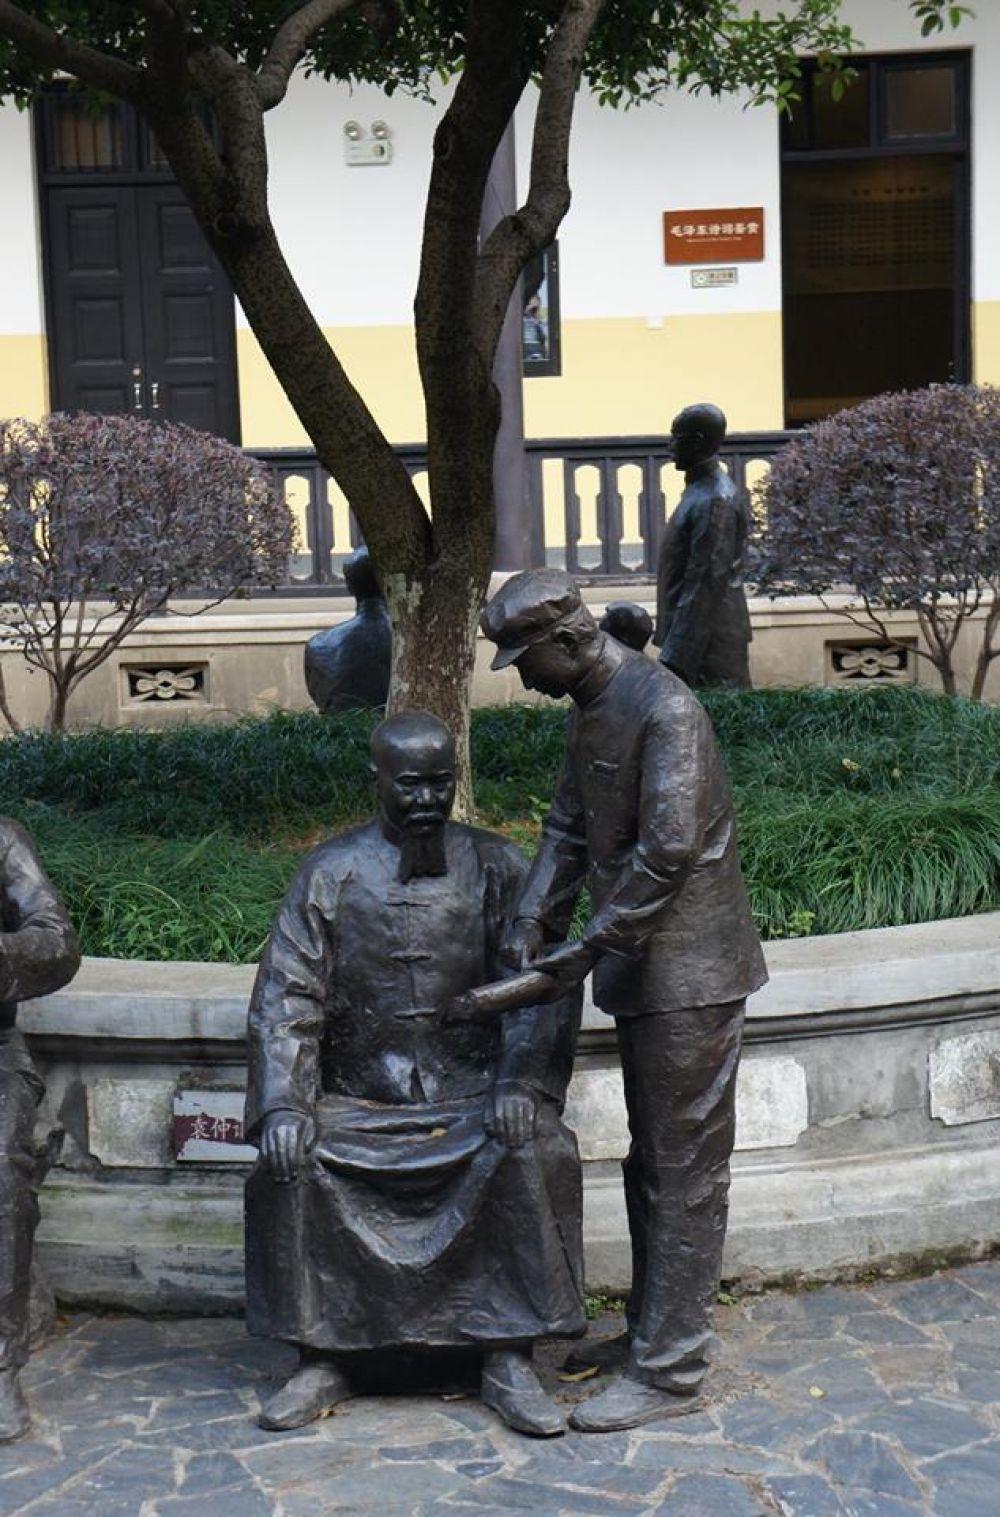 В скверике около школы Мао - скульптурные картинки из жизни «великого кормчего». На этой он показывает свои стихи учителю.